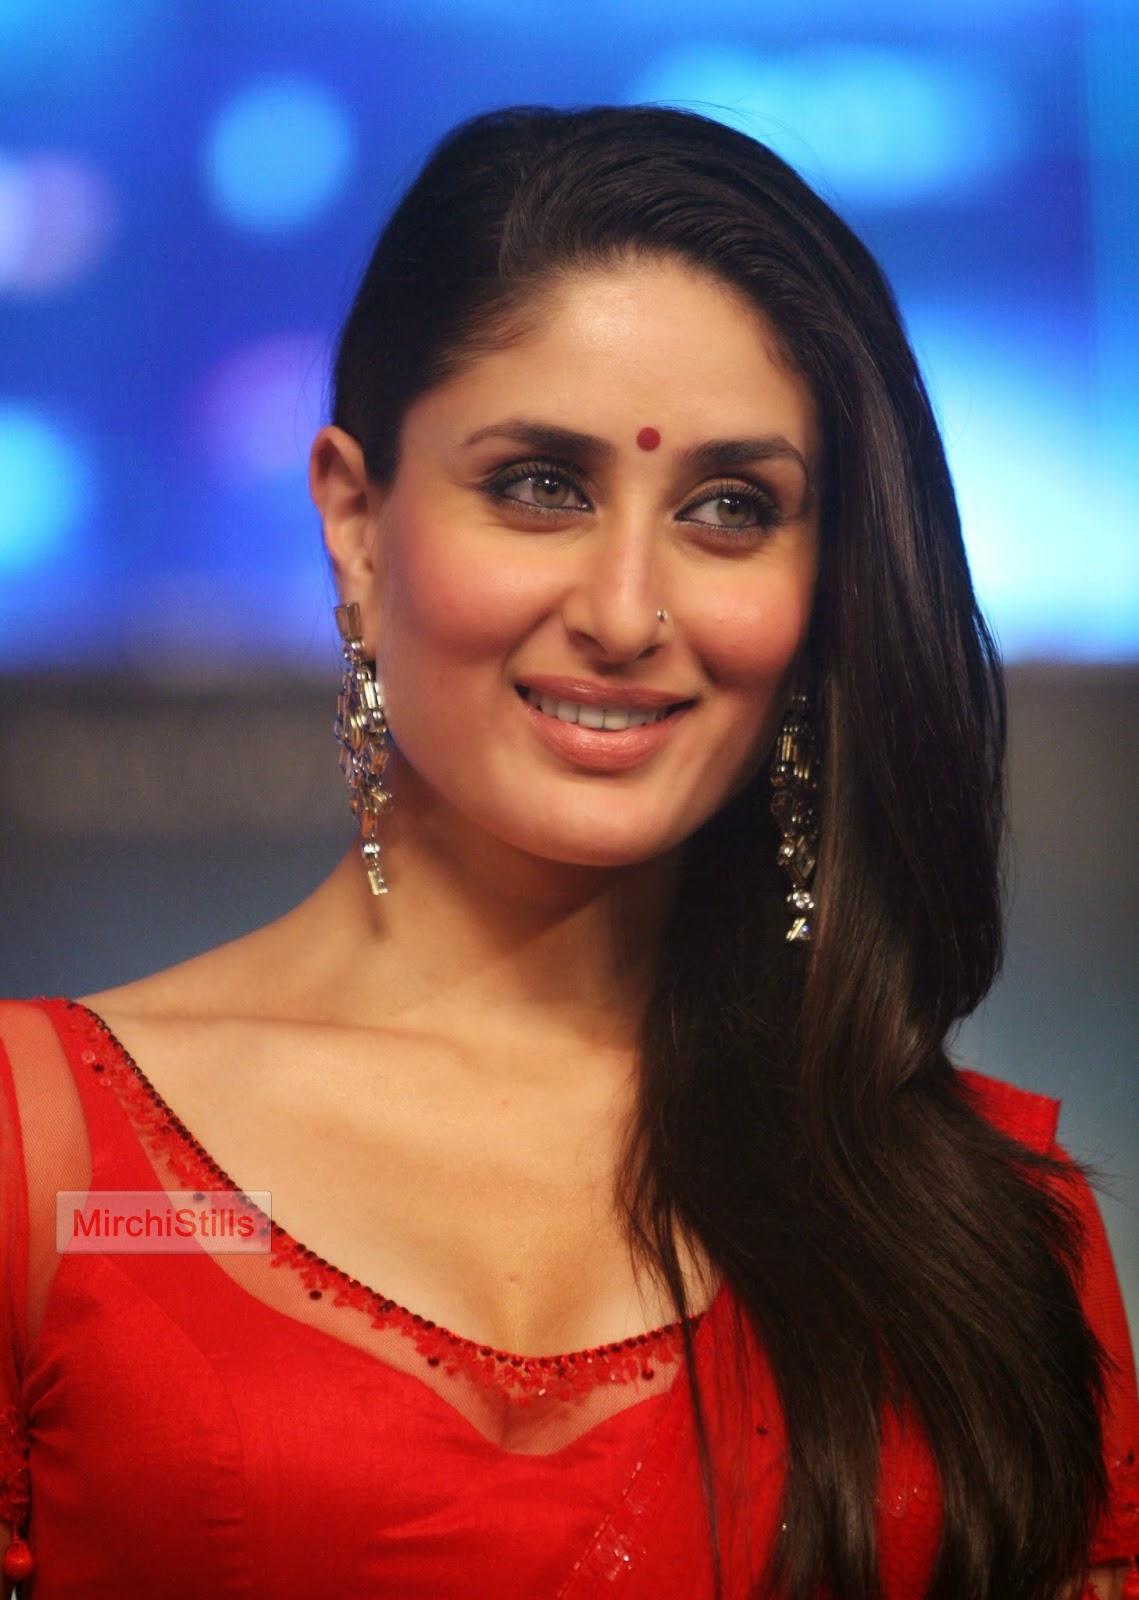 Mirchi Stills Kareena Kapoor Latest Hot Photos-8476